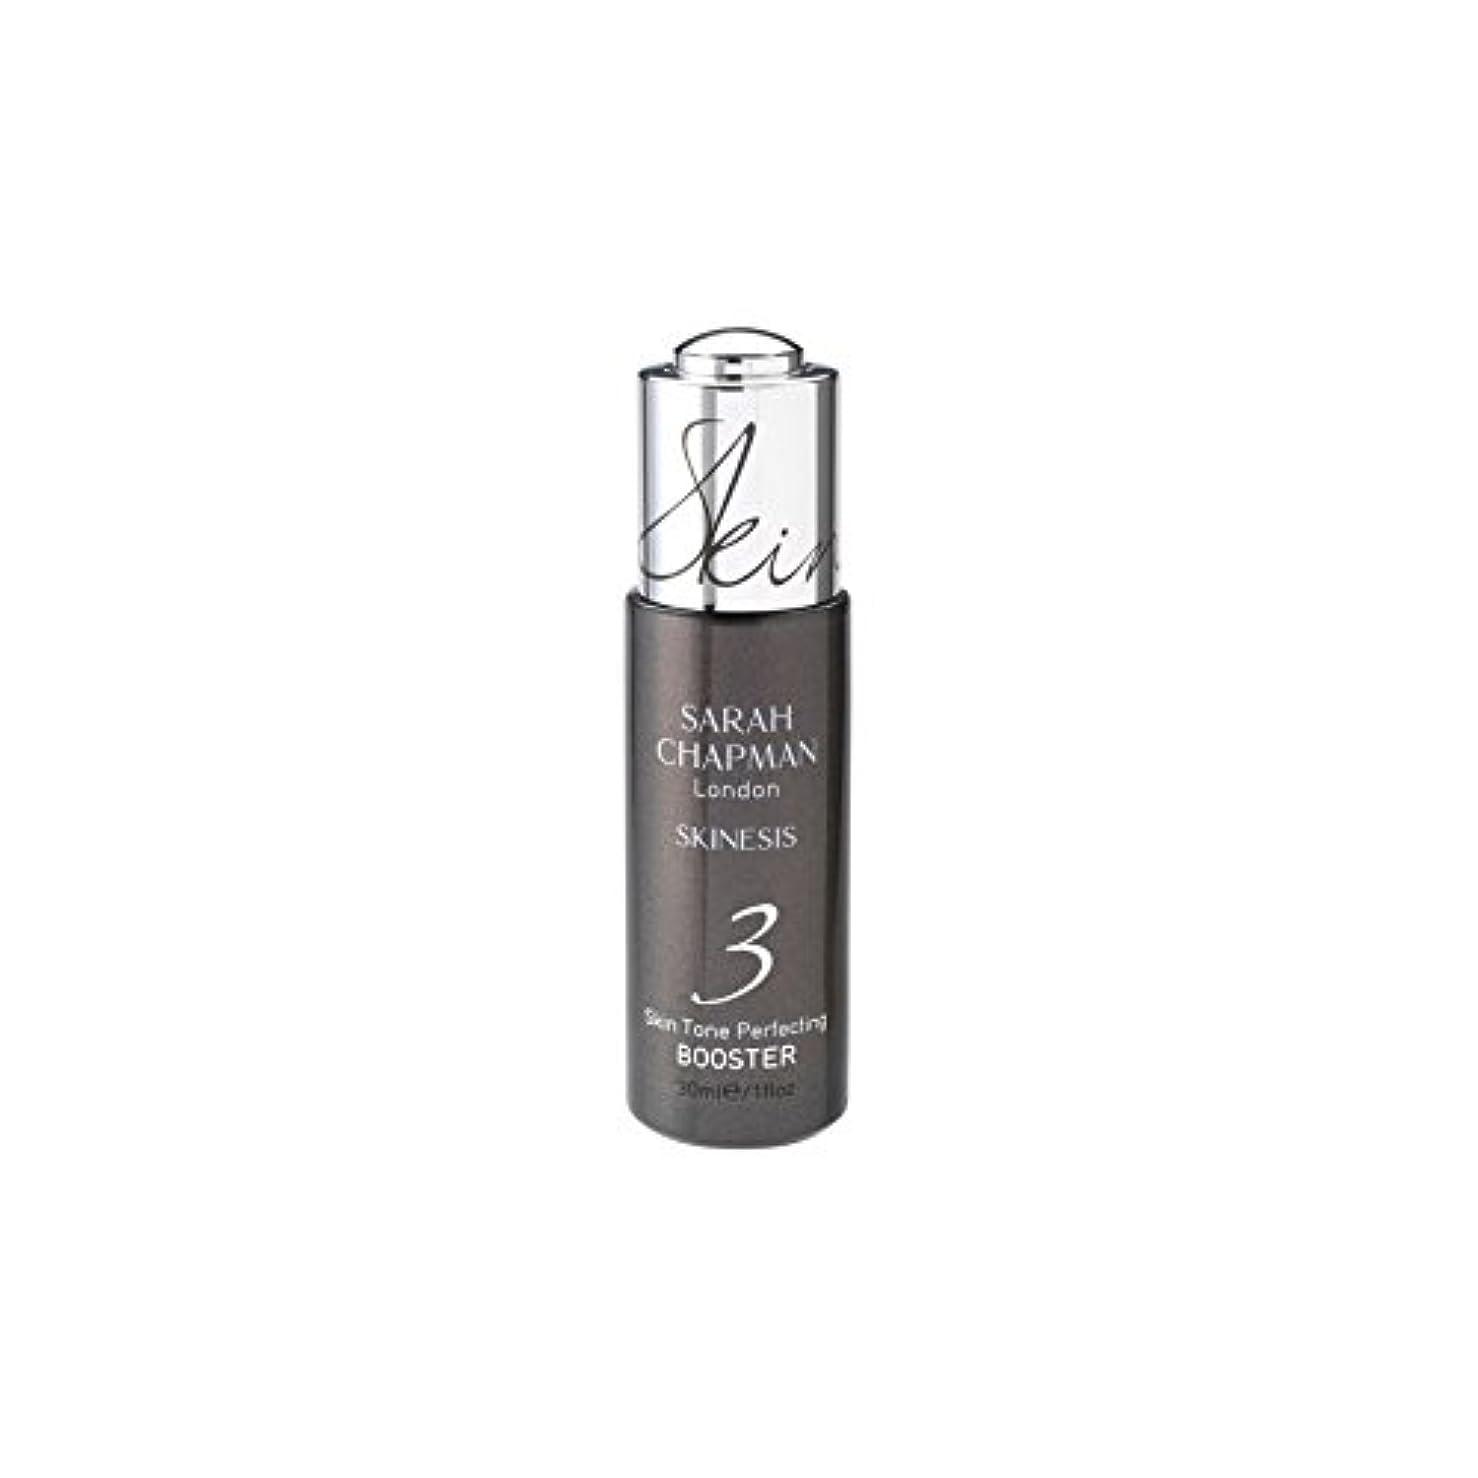 事業病気だと思う想像するSarah Chapman Skinesis Skin Tone Perfecting Booster (30ml) (Pack of 6) - サラ?チャップマン肌色完成ブースター(30ミリリットル) x6 [並行輸入品]